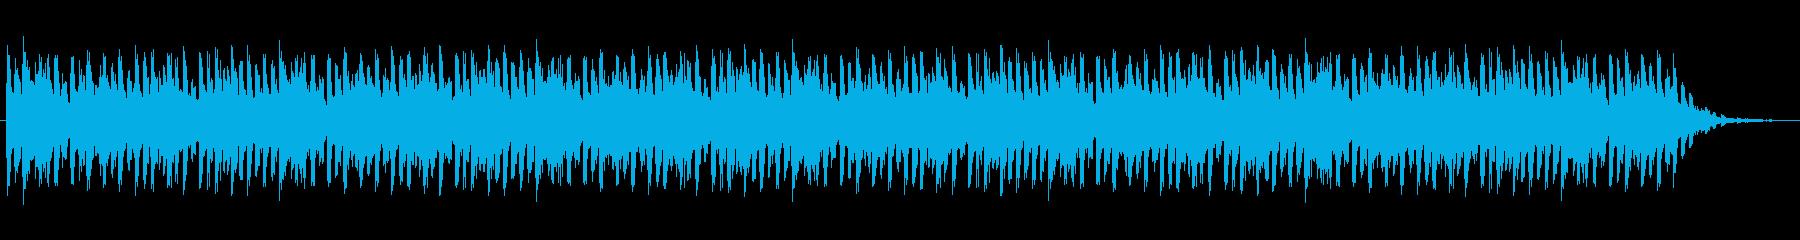 ショートBGM:テクノポップ02の再生済みの波形